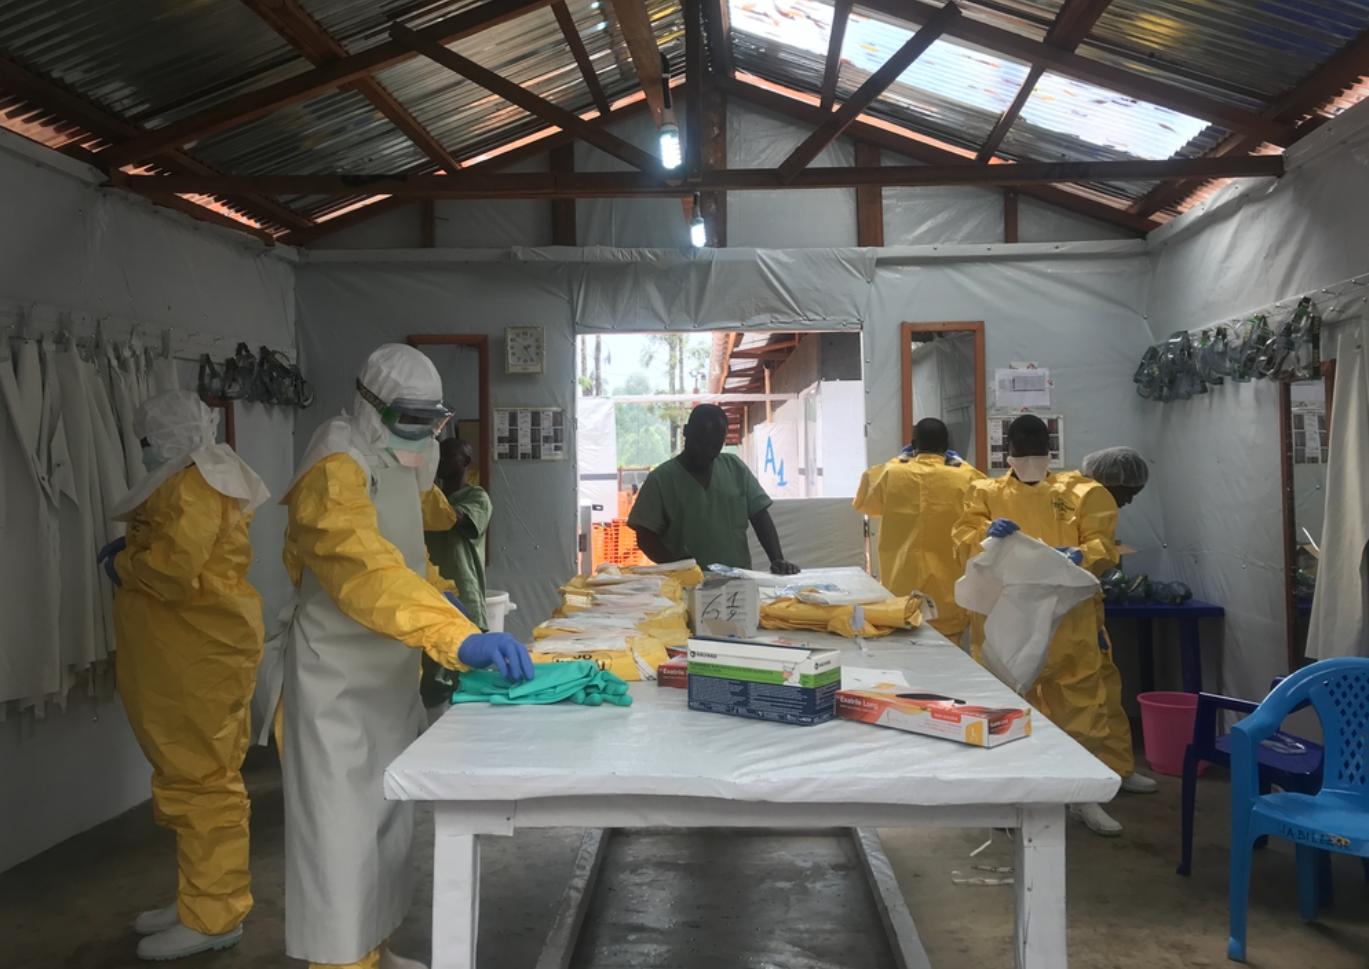 L'epidemia di ebola continua in Congo. MSF incrementa gli interventi a sostegno dei malati (di C. Chiale, G. Fenoglio, L. Iemina, R. Giergji, S. Zemiti)